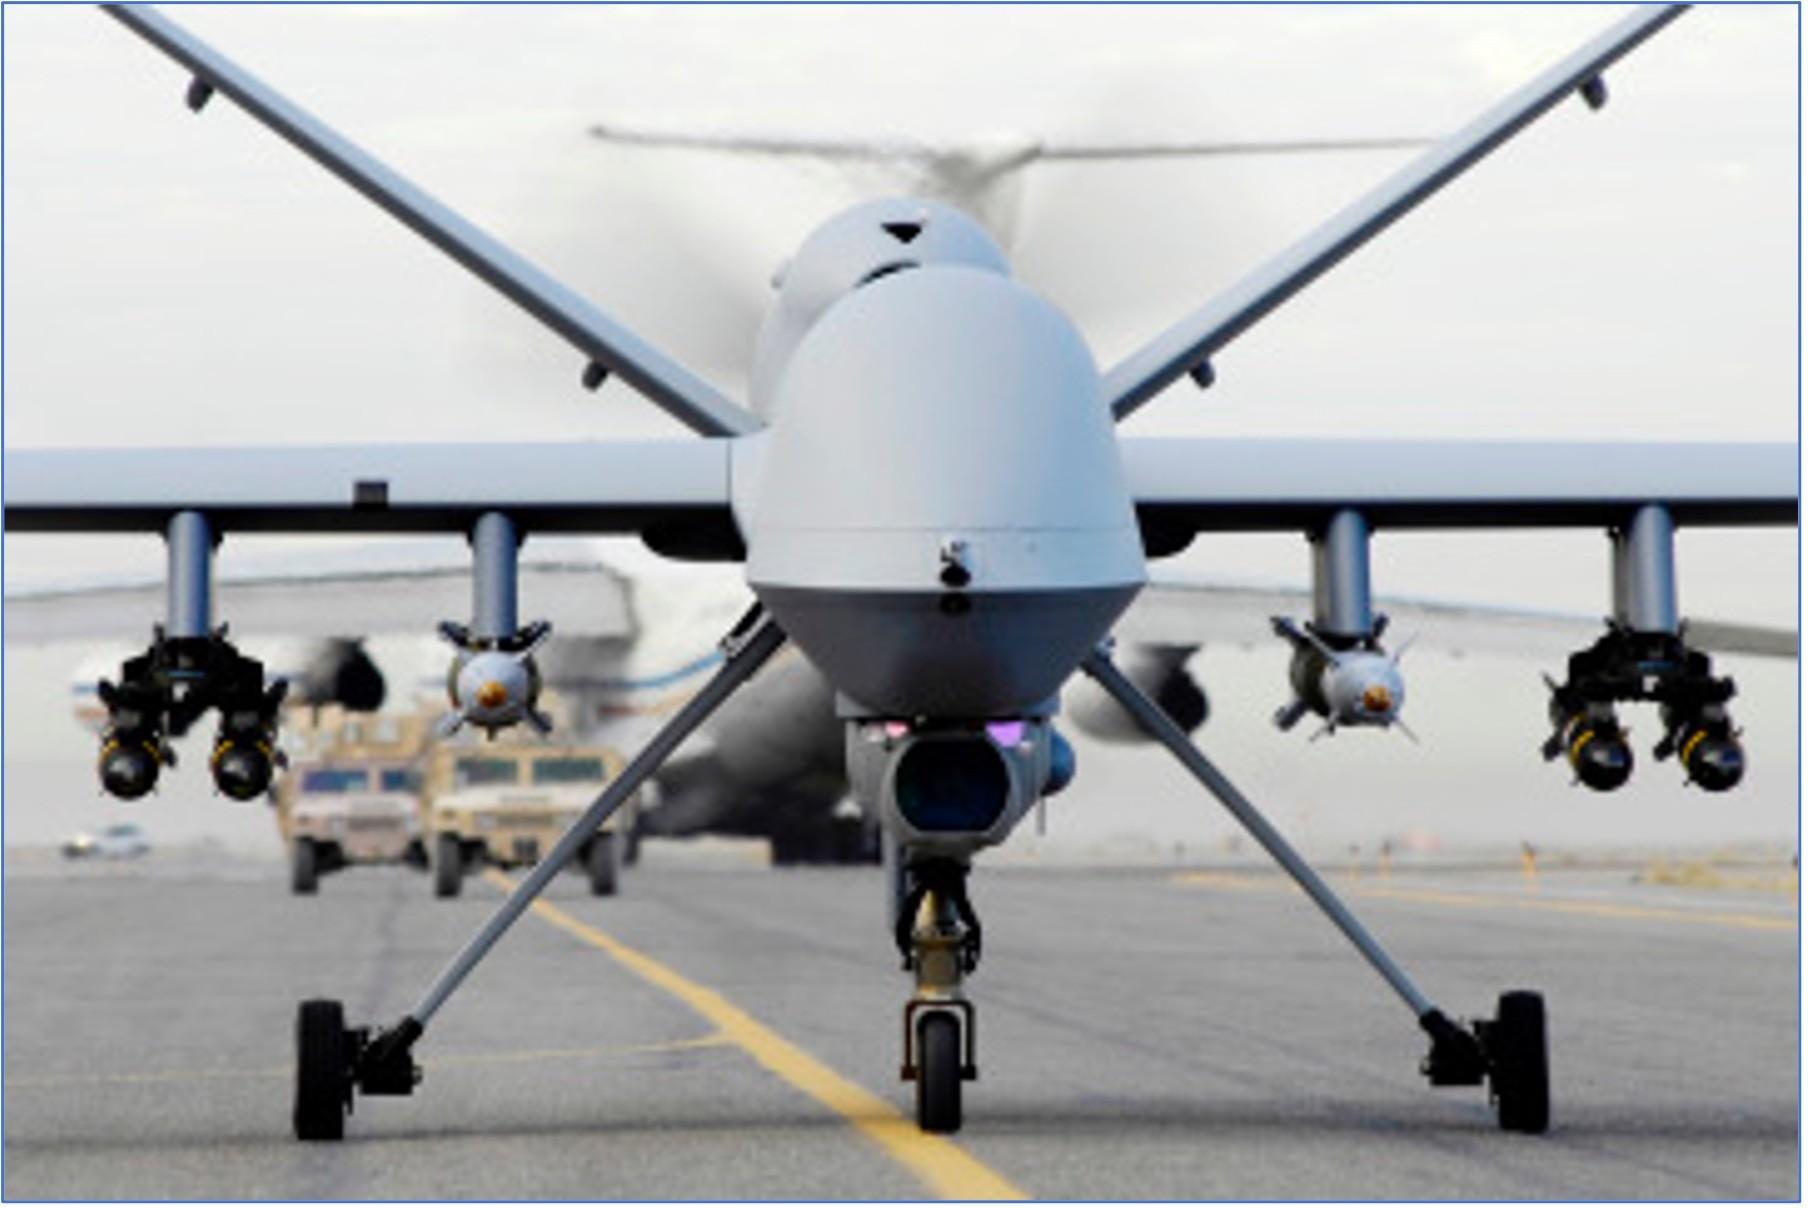 國防部,無人機,國防安全研究院,不對稱作戰,反潛,偵潛,潛艦